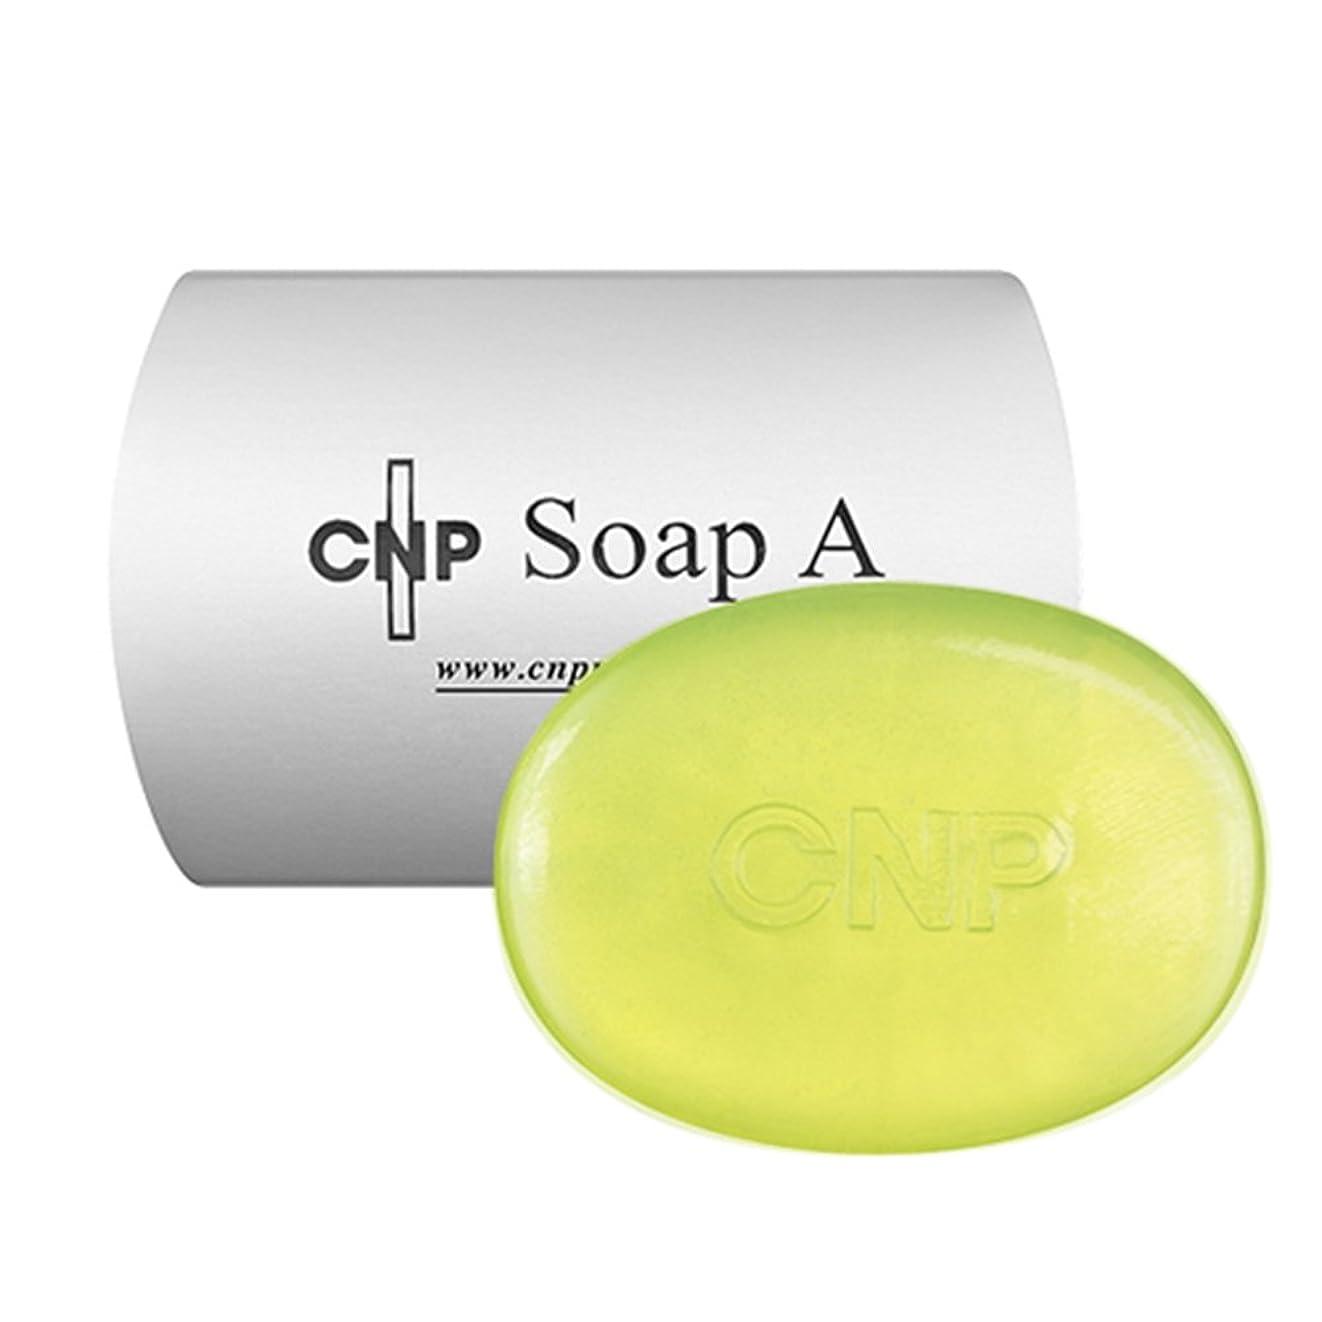 はっきりしない殺人者縁石CNP Soap A チャアンドパク ソープ A [並行輸入品]